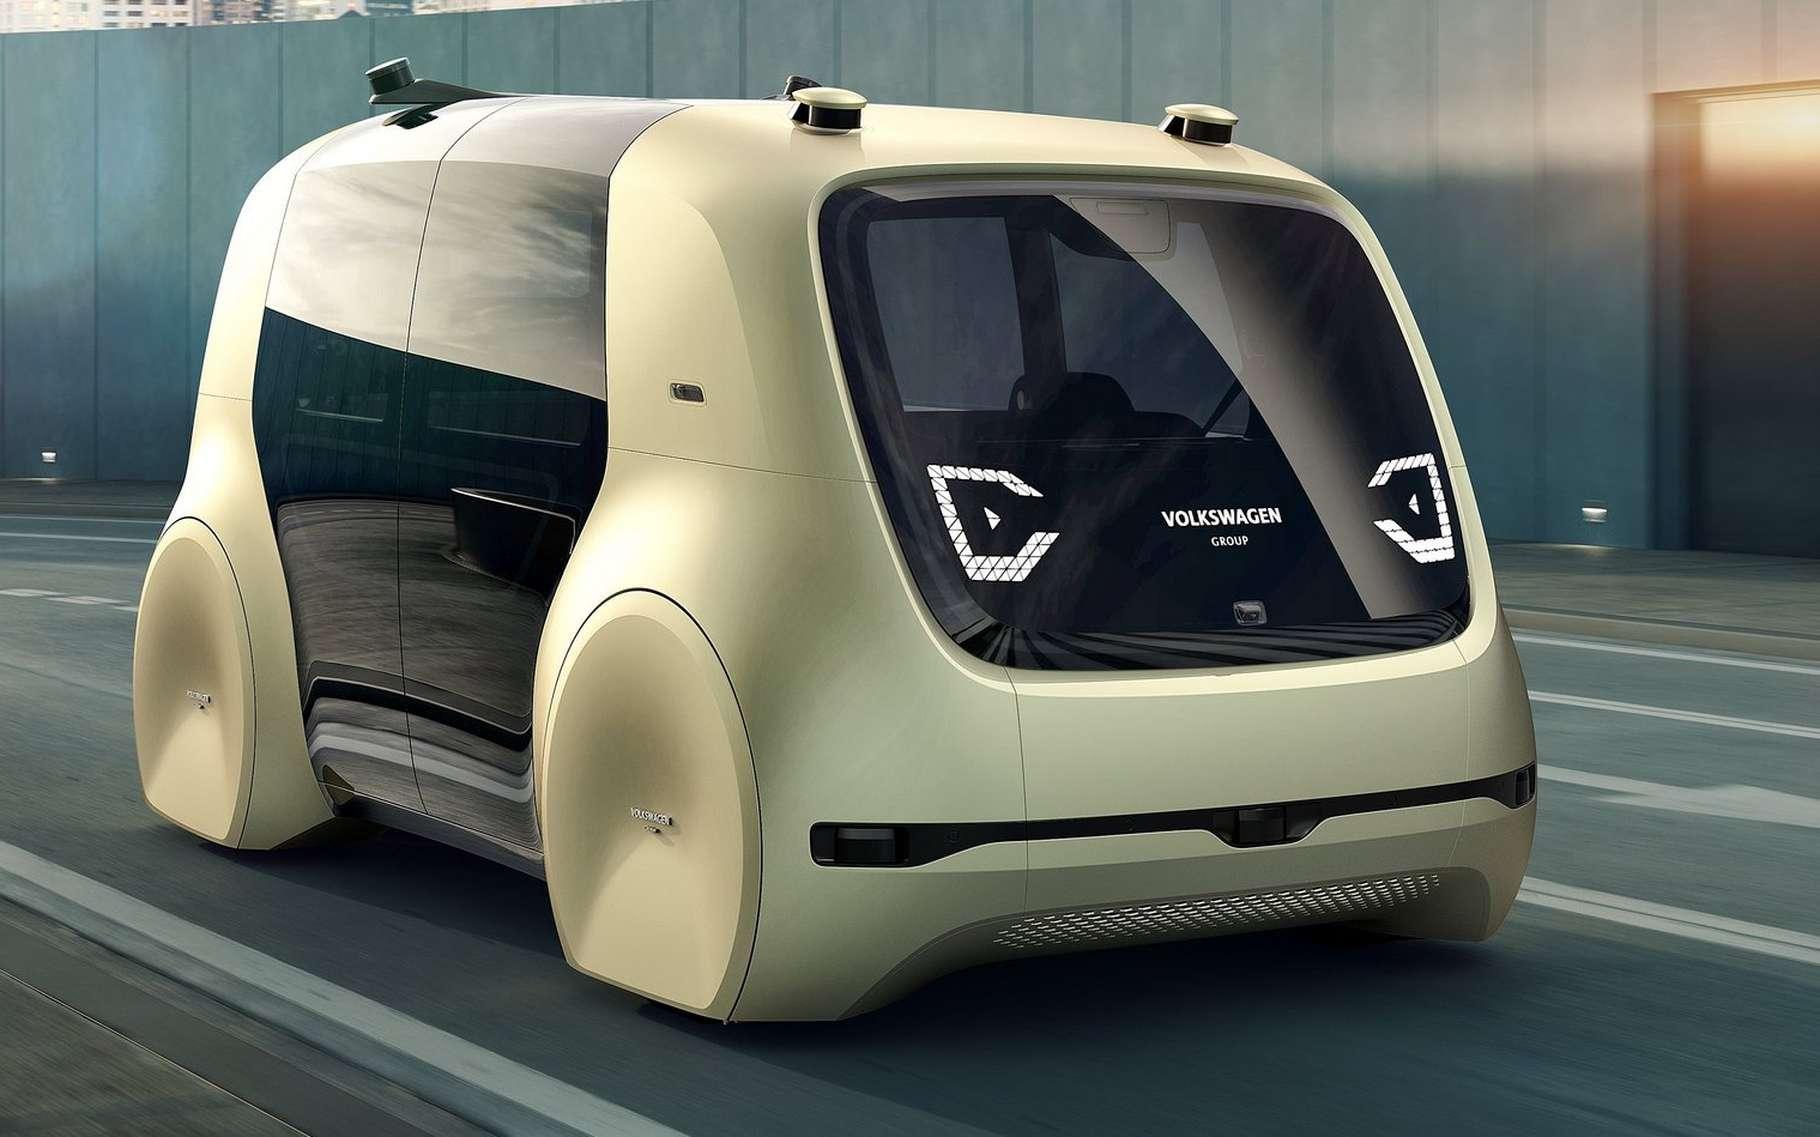 Le concept-car Sedric de Volkswagen est dépourvu de pédales et de volant, exactement comme la voiture autonome de Google. © Volkswagen